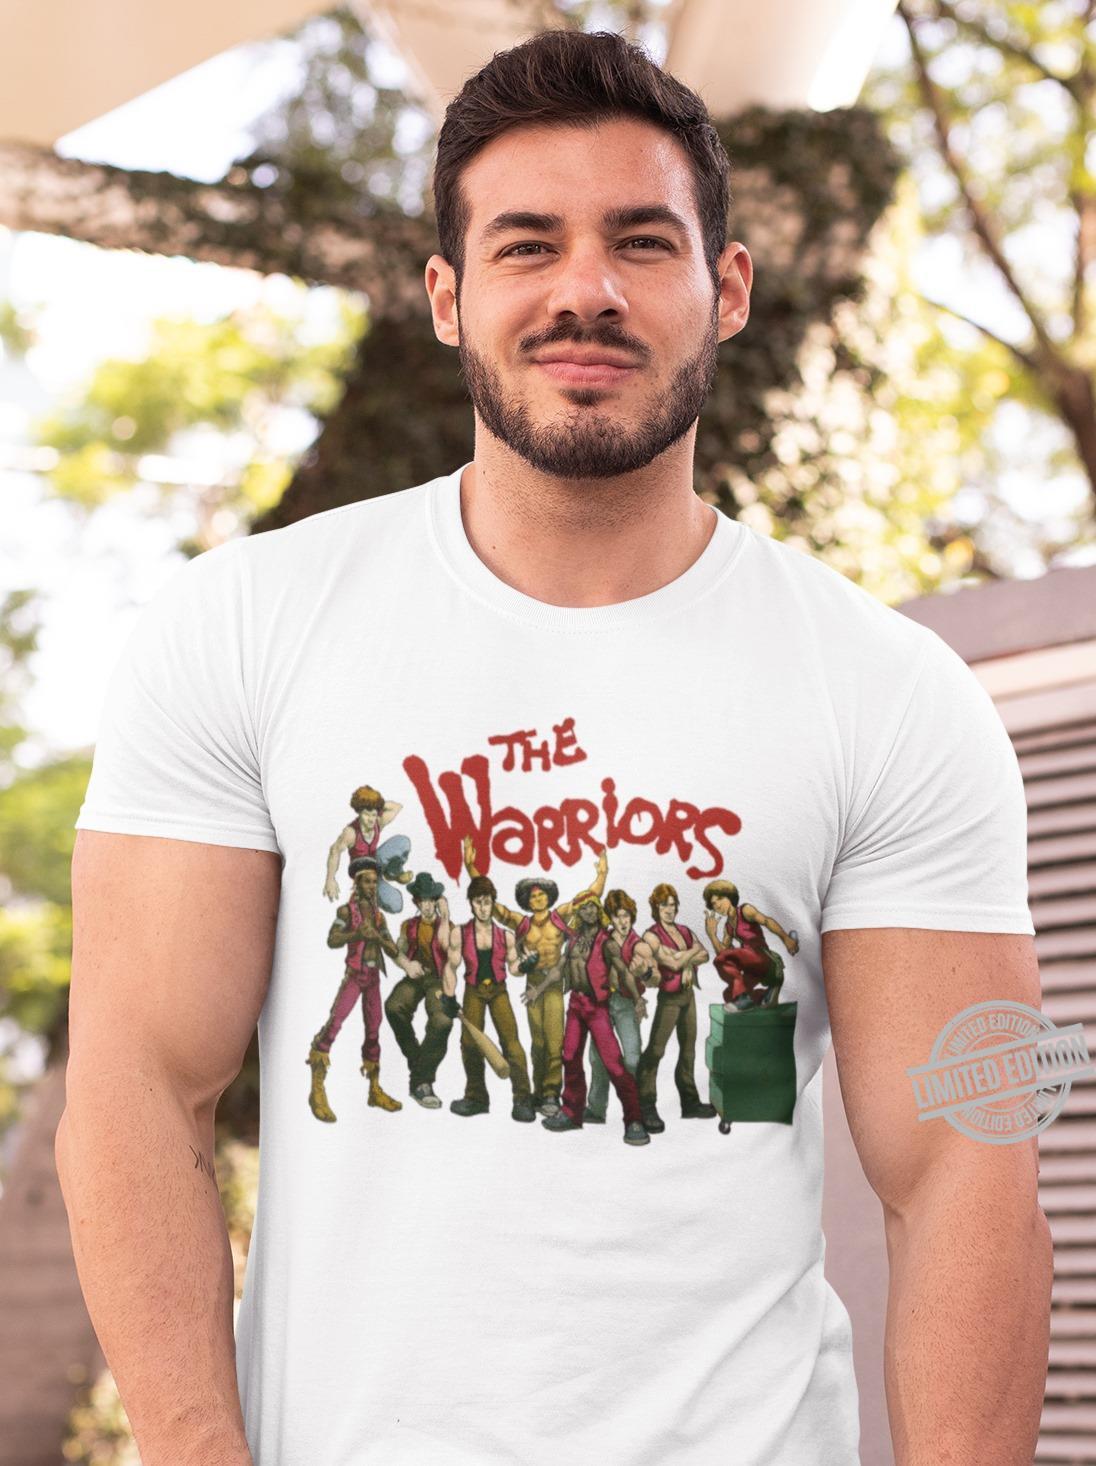 The Warriors Shirt